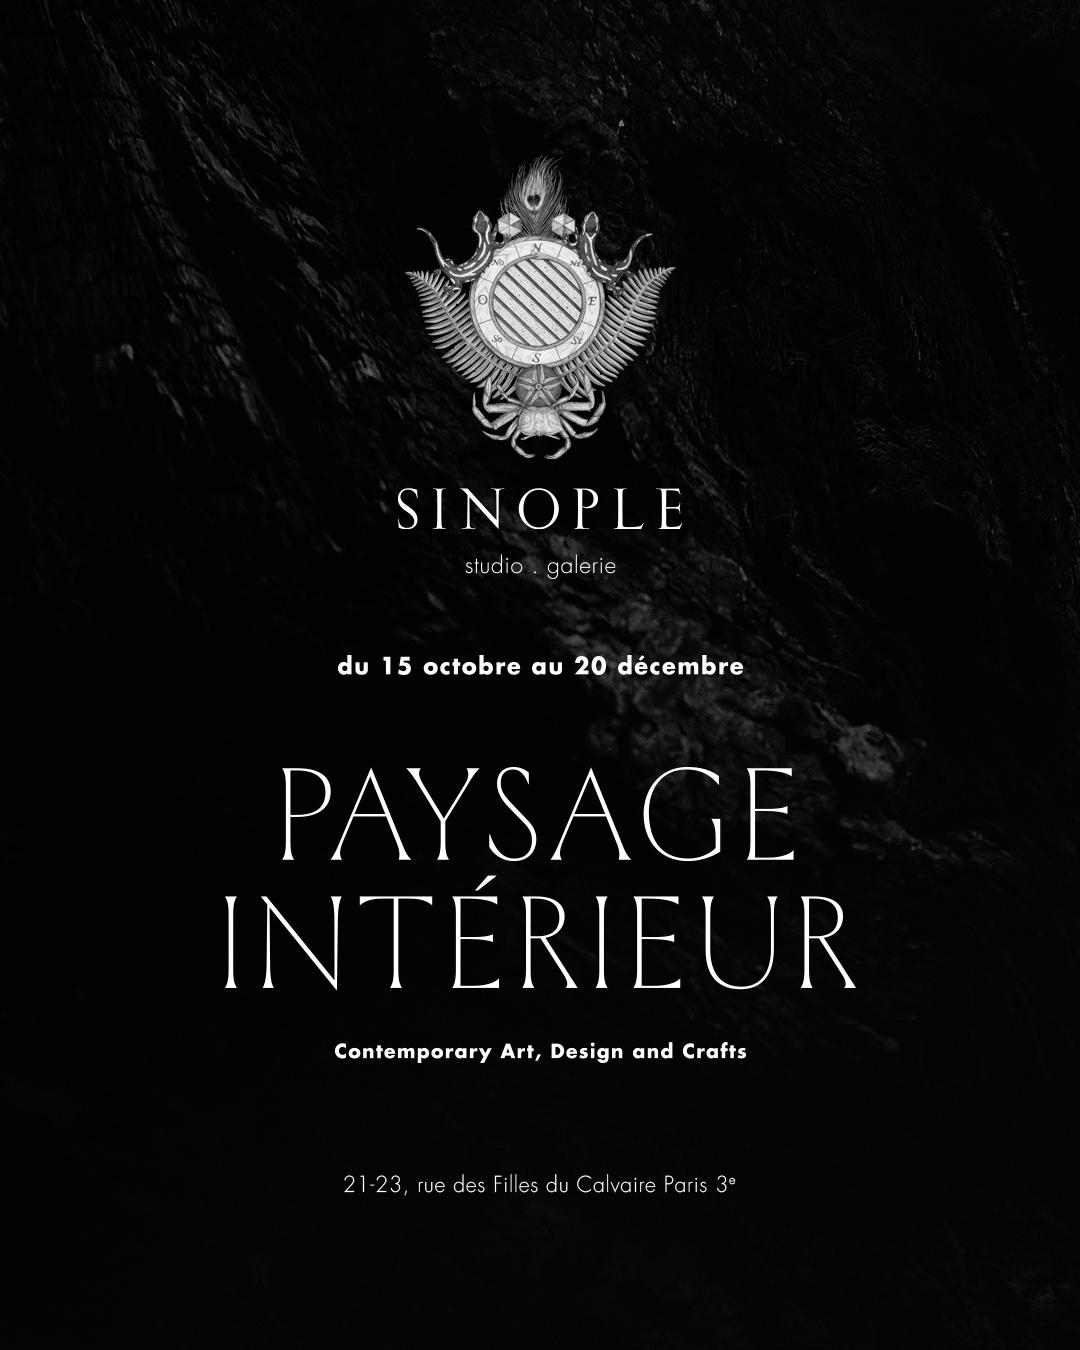 """Du 15 octobre au 20 décembre 2020 exposition """"Paysage intérieur"""" galerie Sinople – Paris"""